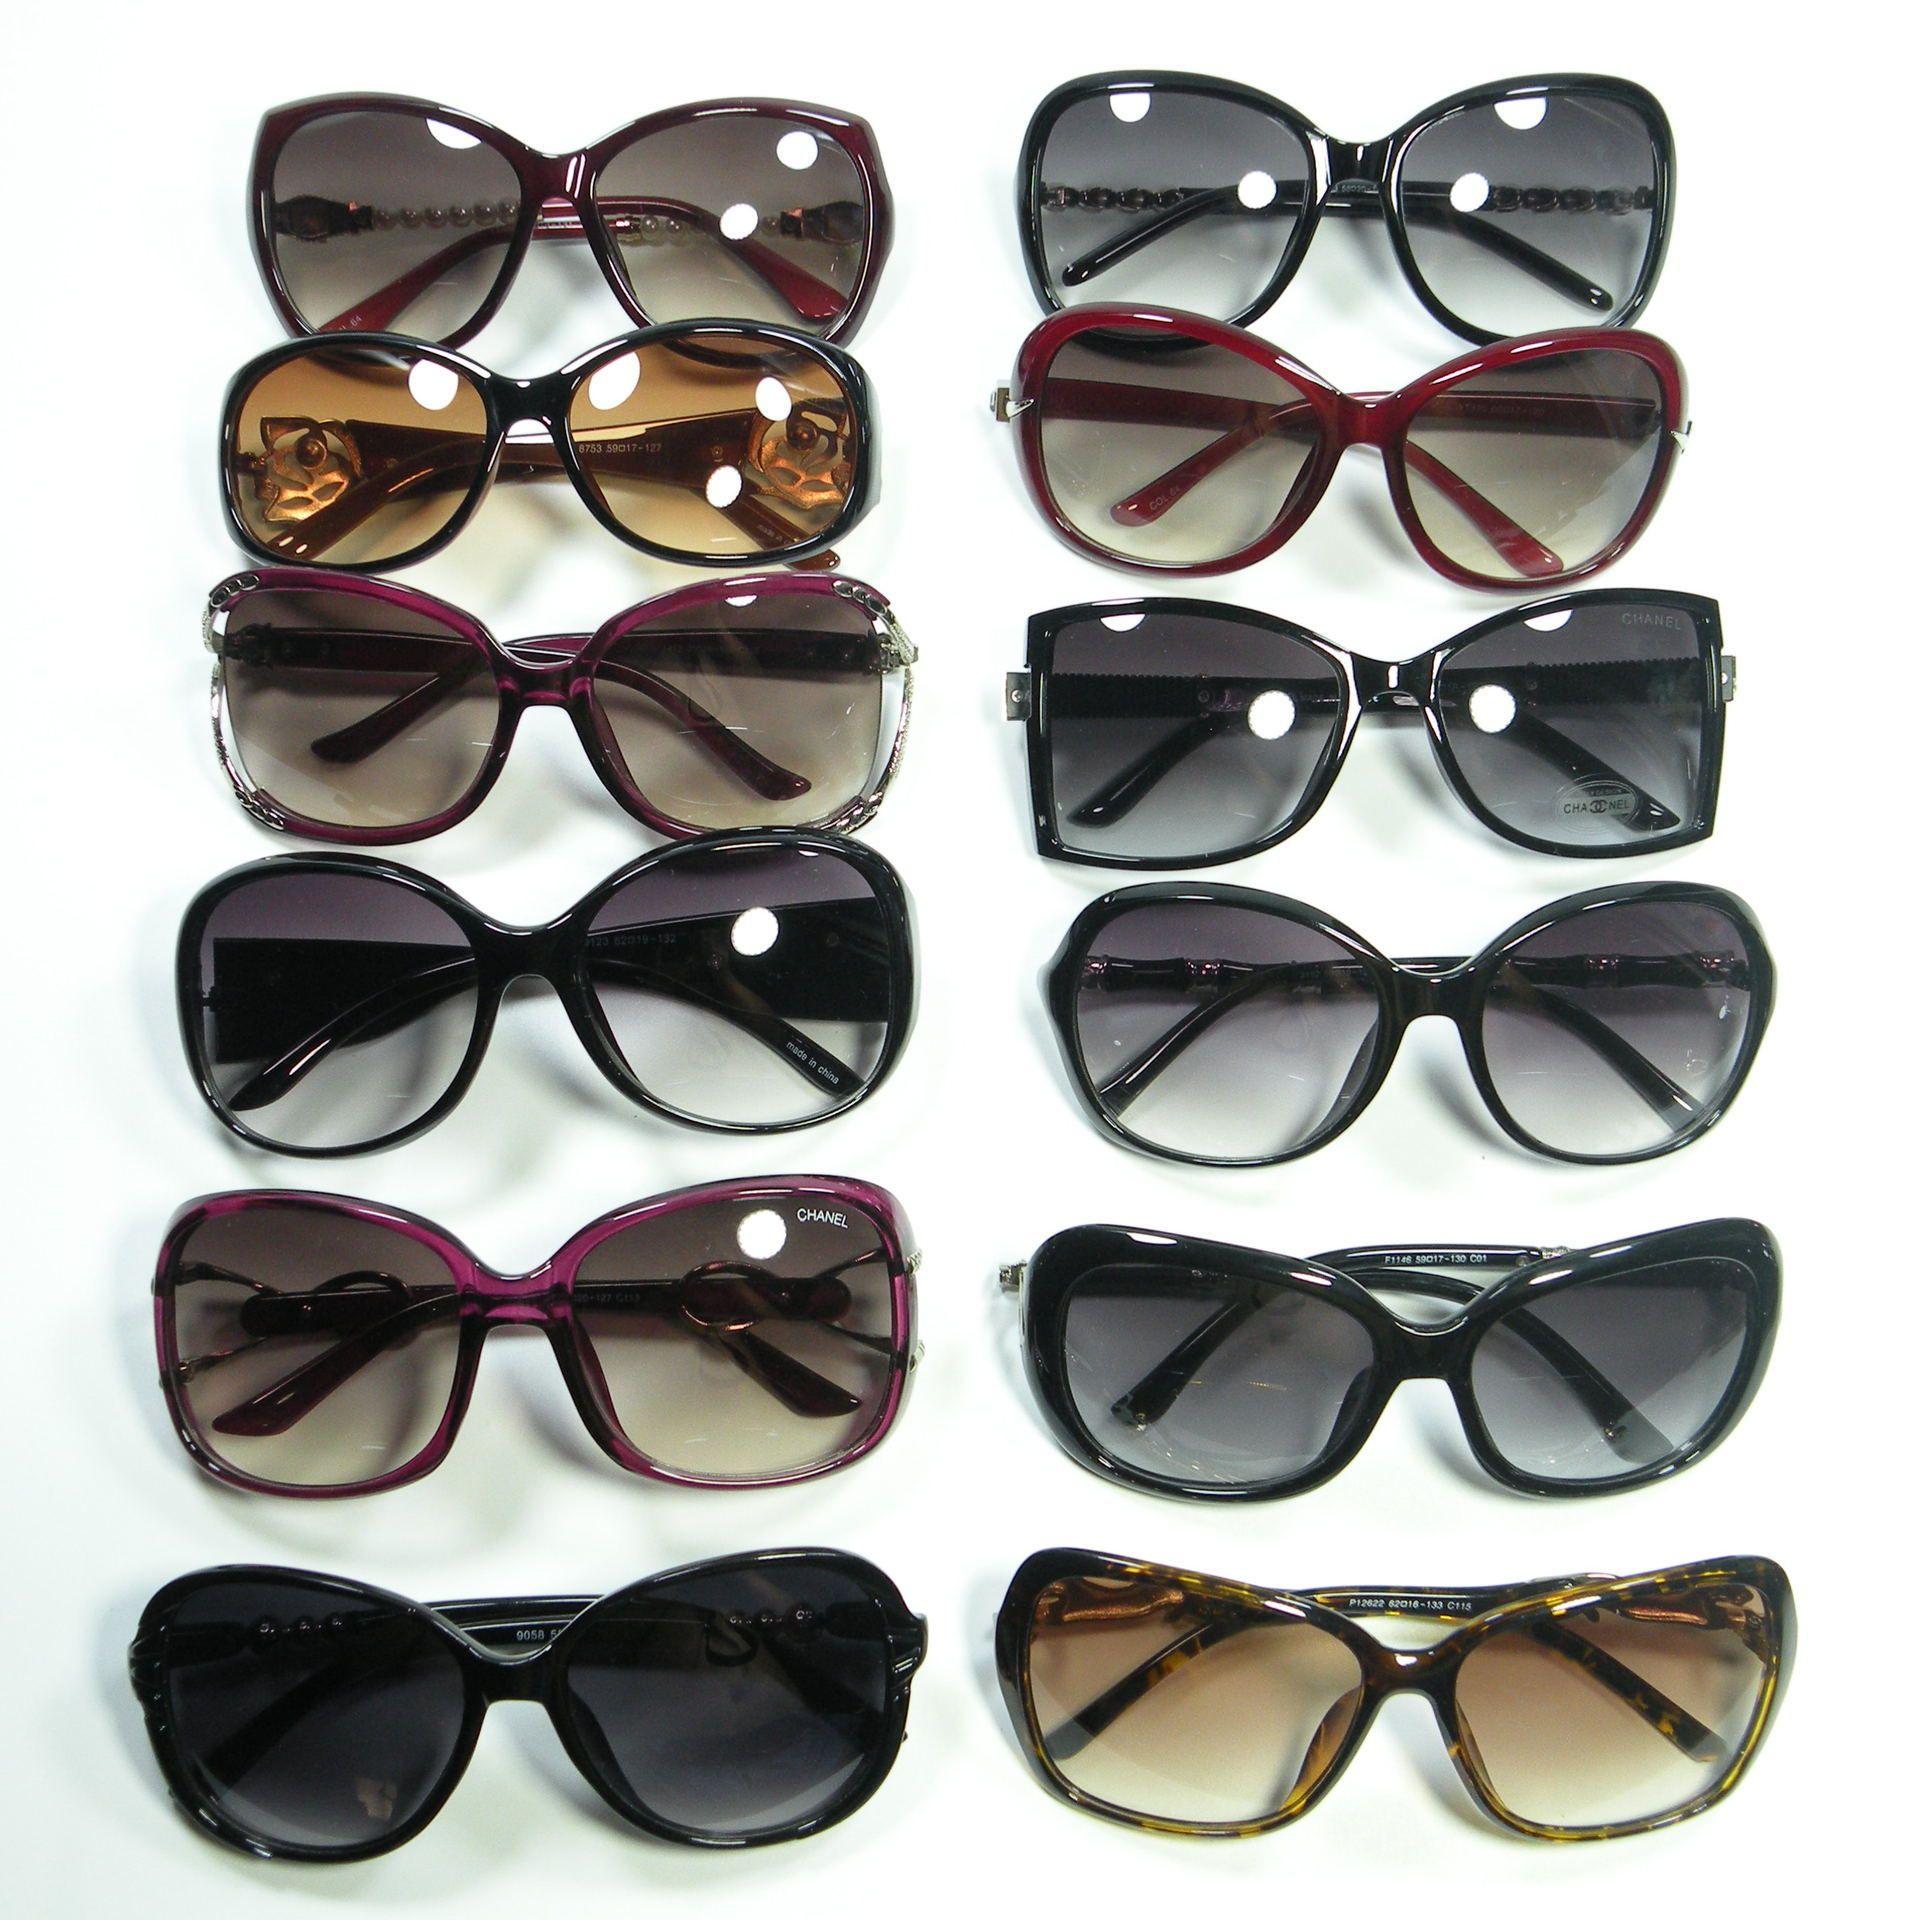 Color al por mayor en gafas de sol Mujeres Gafas sol y polarizado Modelos de lotes baratos Venta al por mayor Venta de mujer MEZCLA CFCSJ